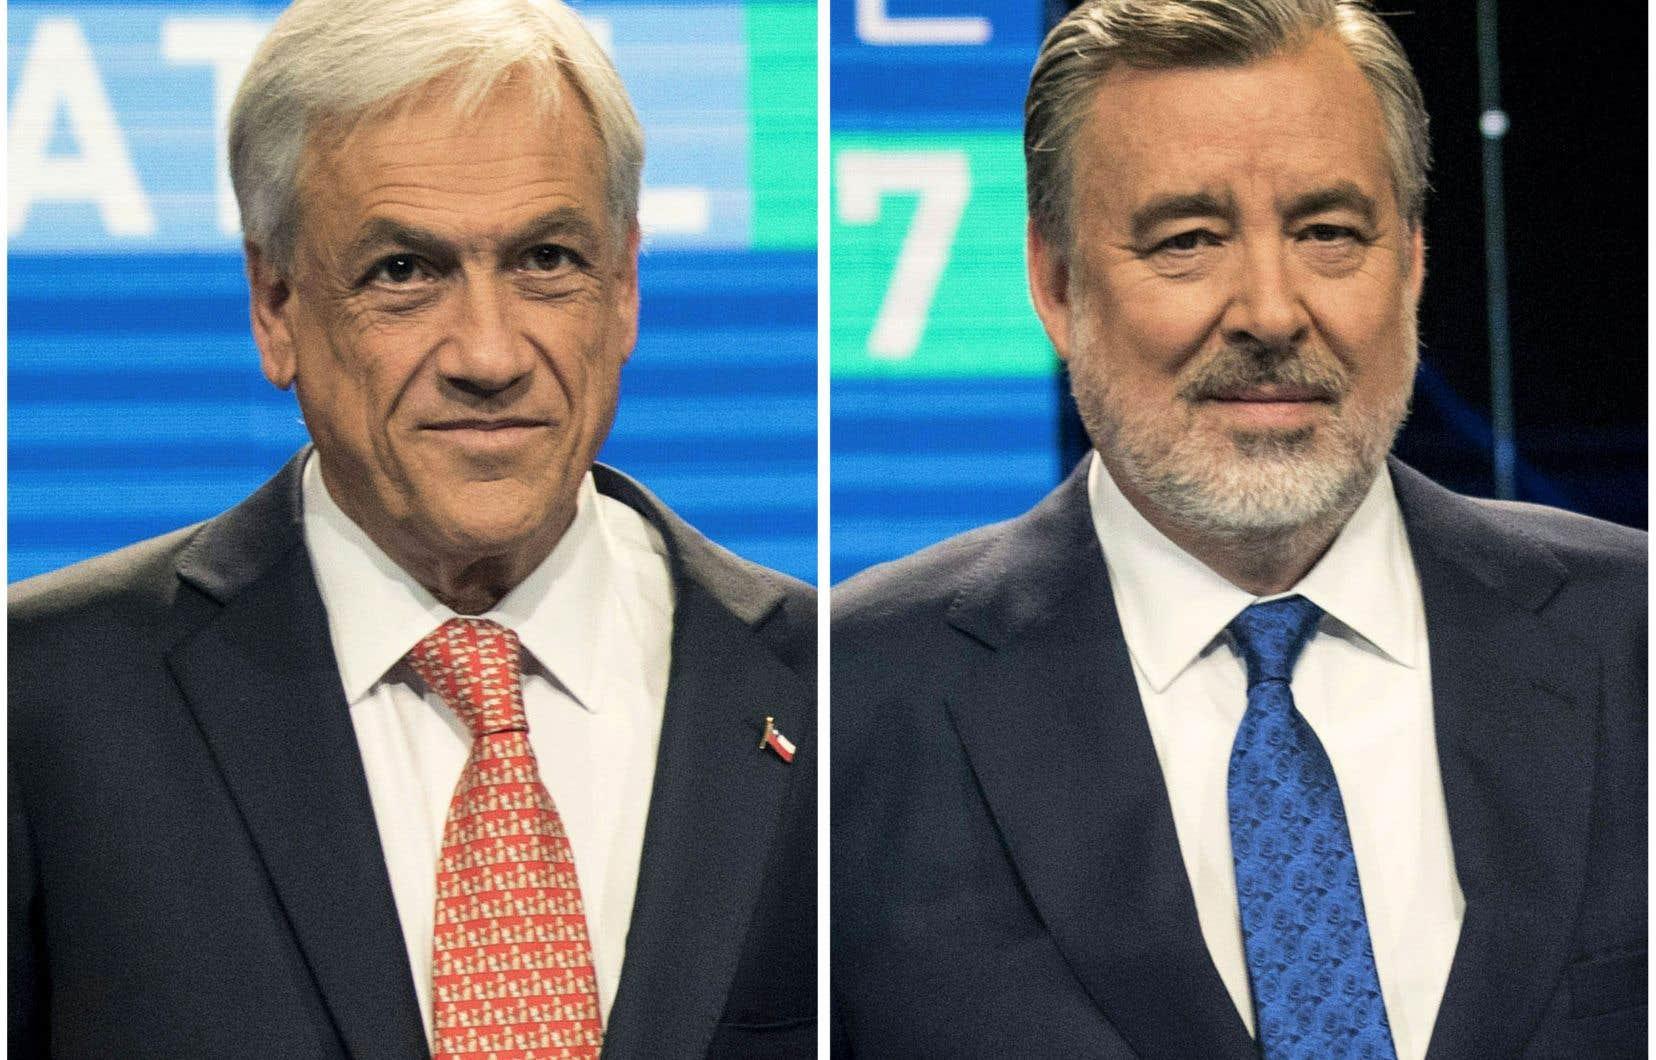 Sebastian Piñera, en tête du premier tour de l'élection présidentielle au Chiliaffrontera au second tour le candidat socialiste Alejandro Guillier.